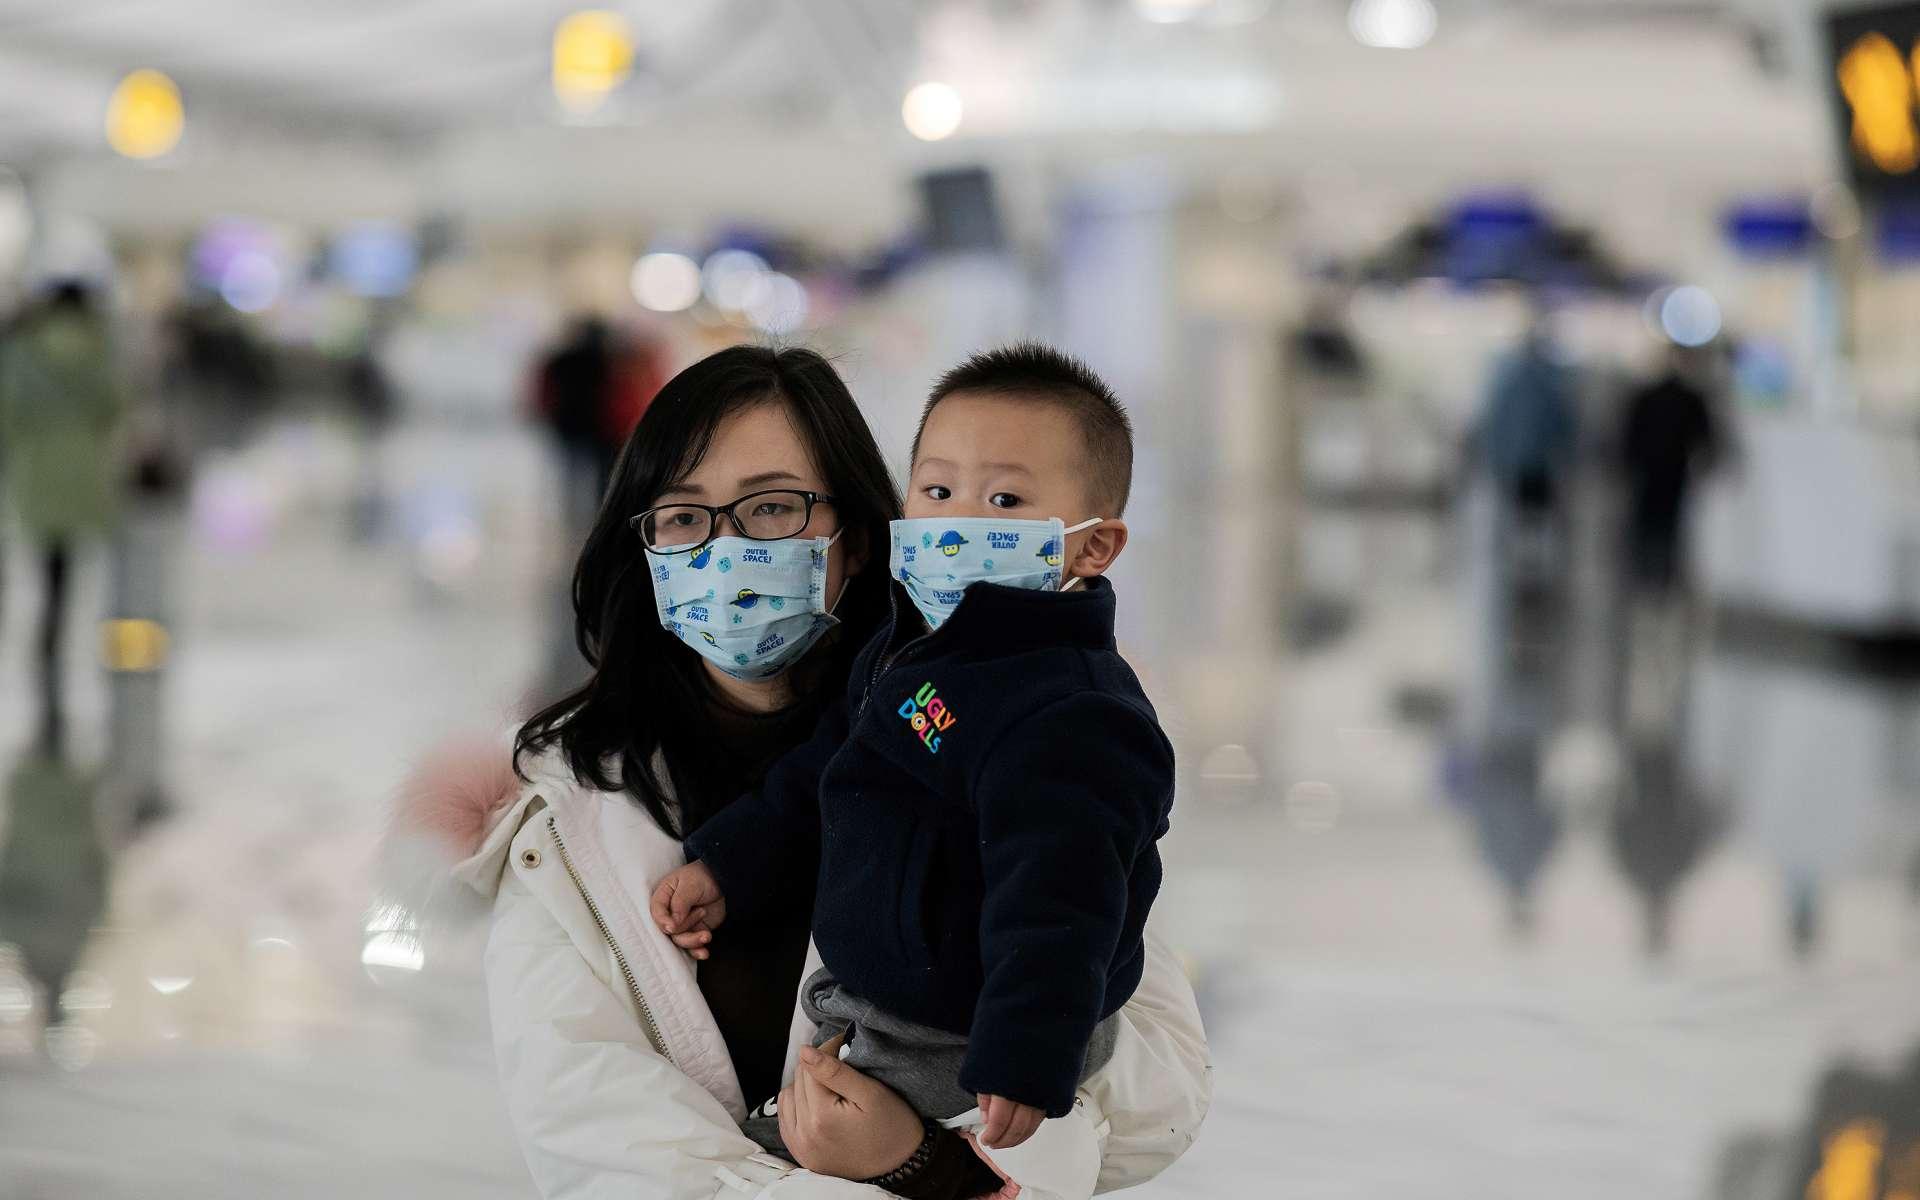 Le diagnostic amélioré de la maladie Covid-19 devrait permettre aux médecins de prendre en charge les patients plus efficacement. © Nicolas Asfouri, AFP